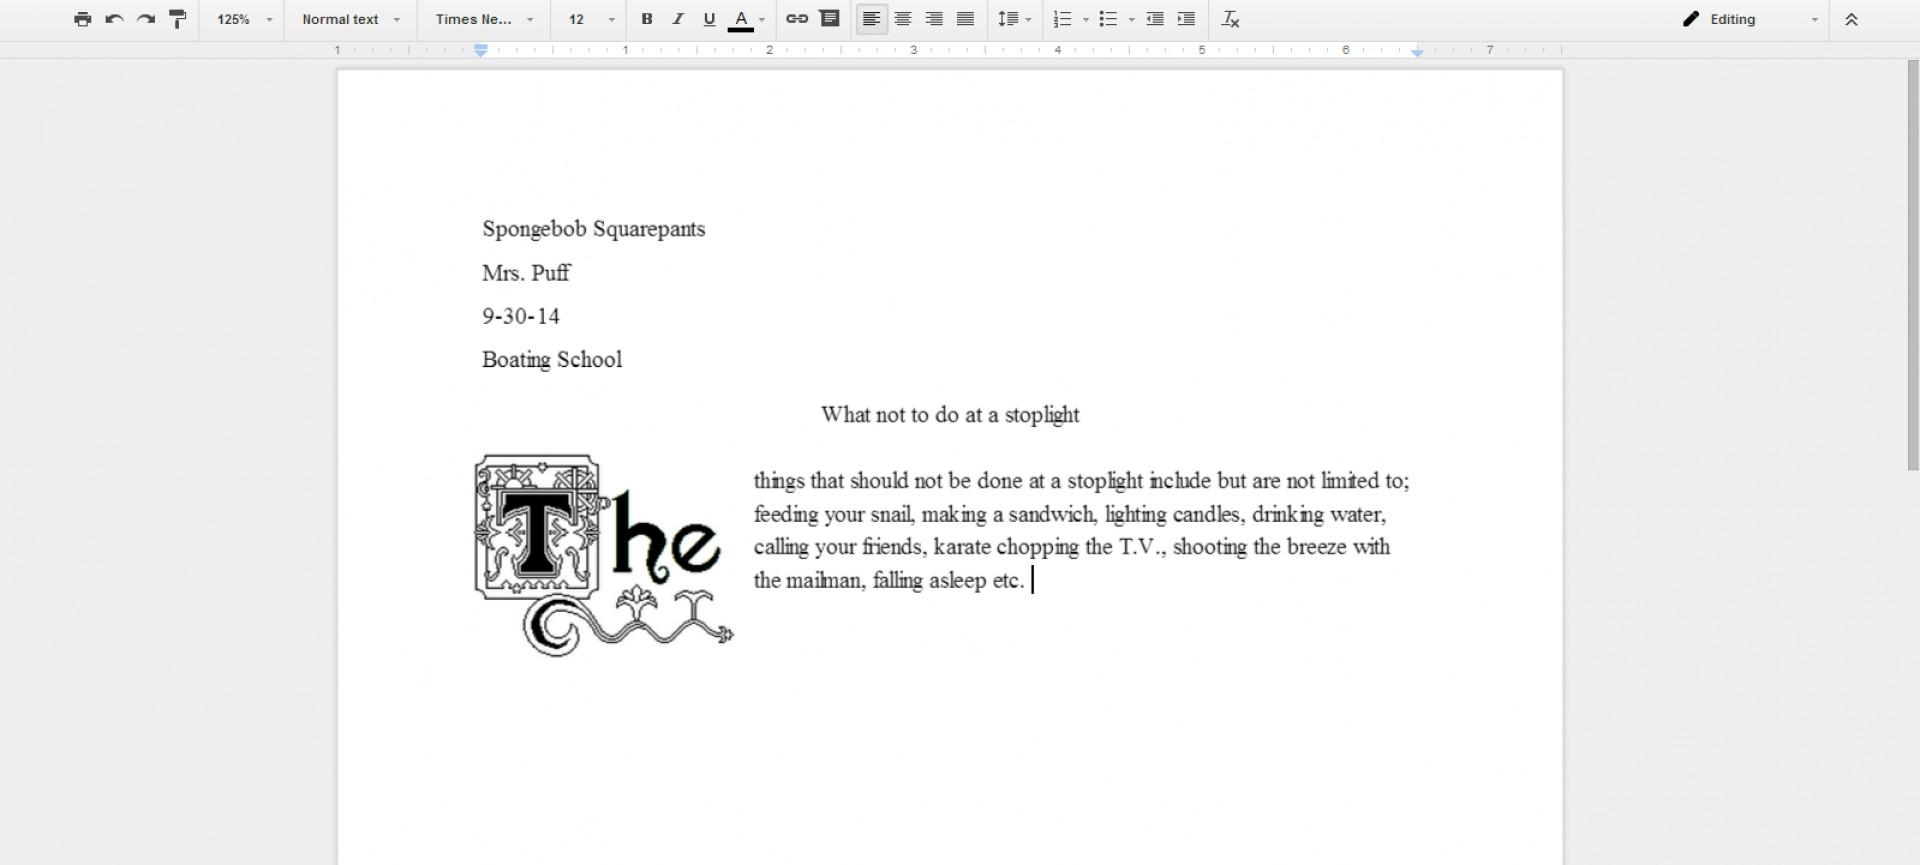 006 Spongebob Essay The H6so62h Unforgettable Font Copy And Paste Gif Meme 1920